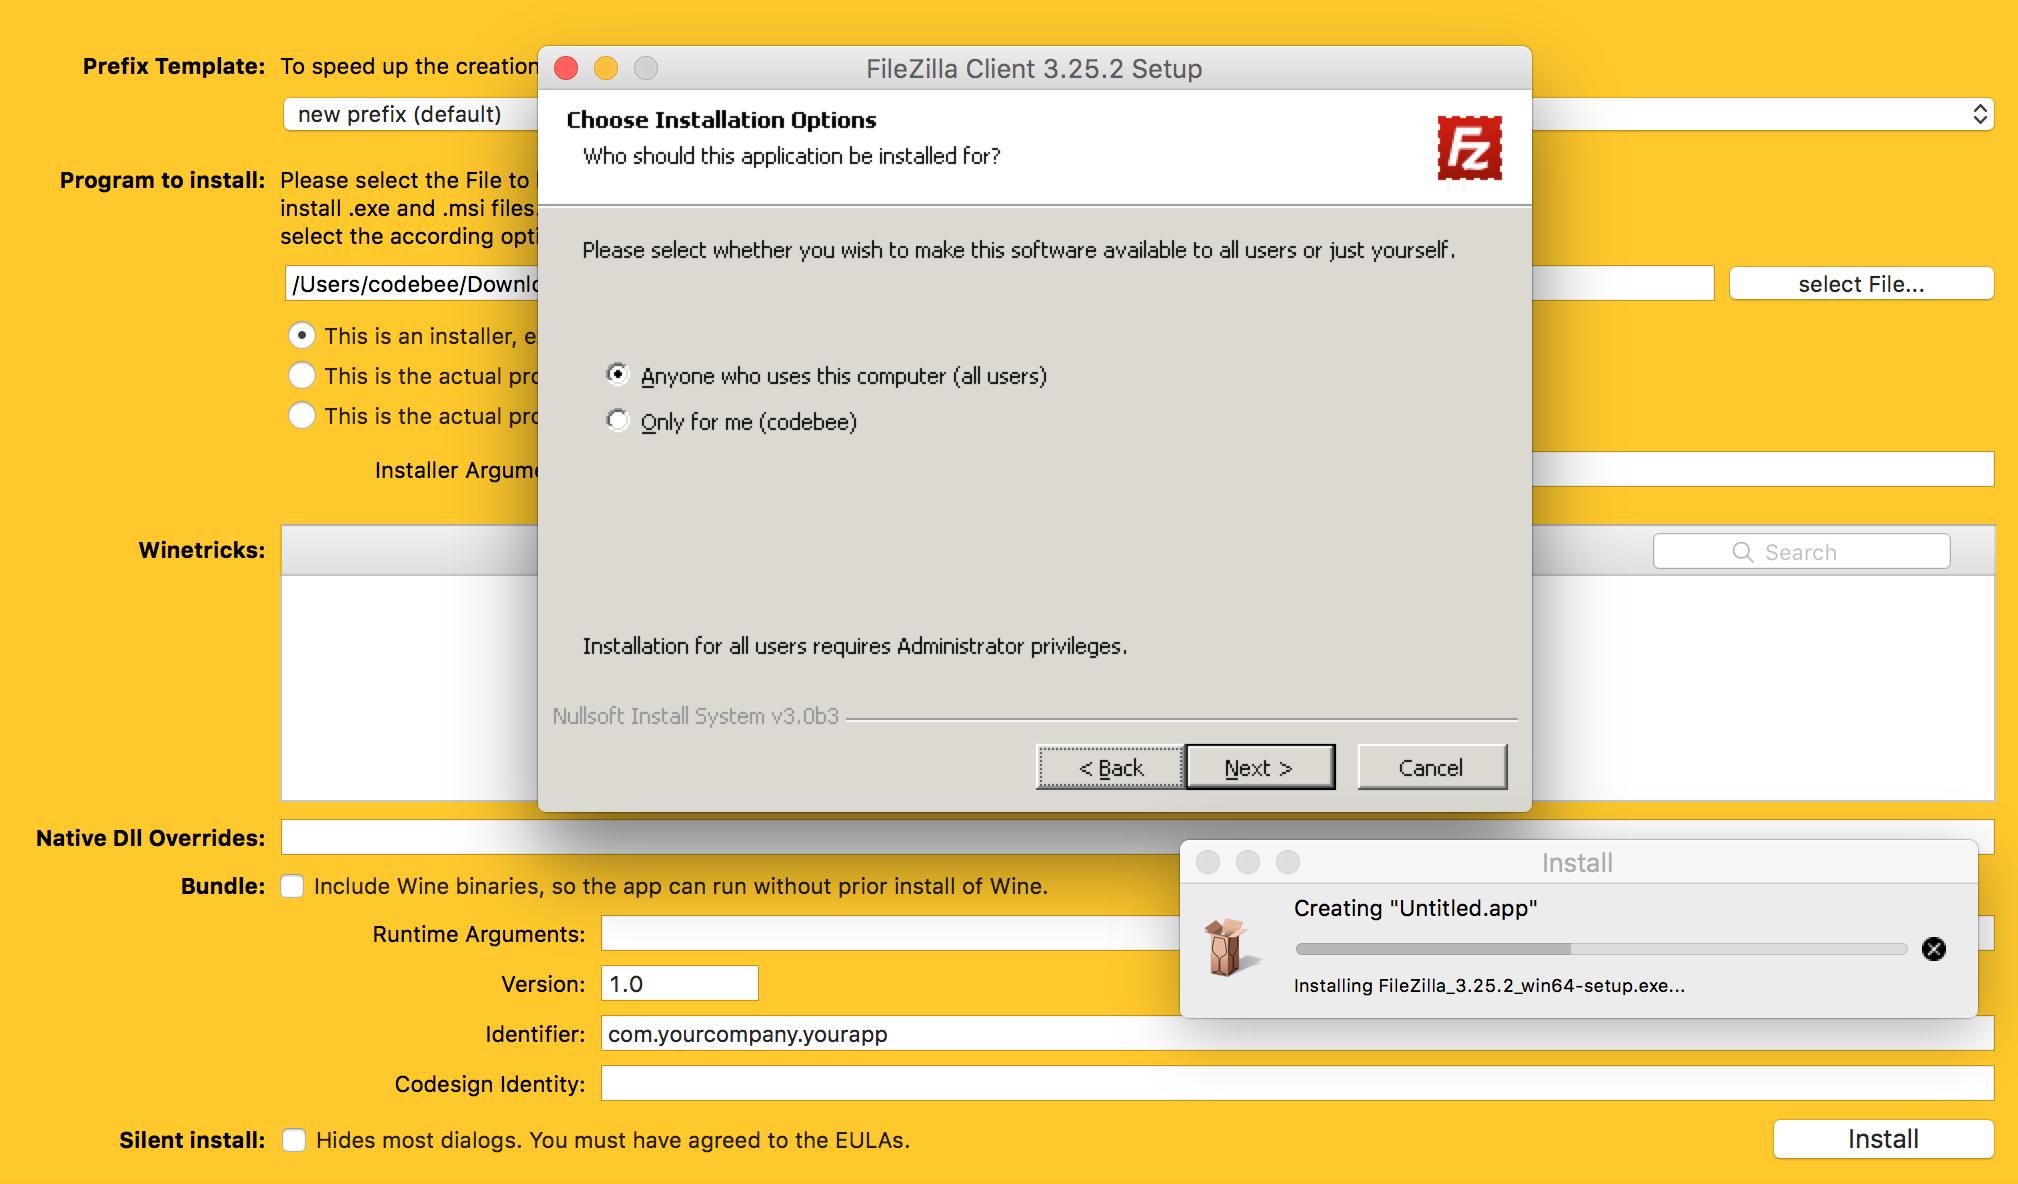 วิธีติดตั้งโปรแกรม-window-บน-mac